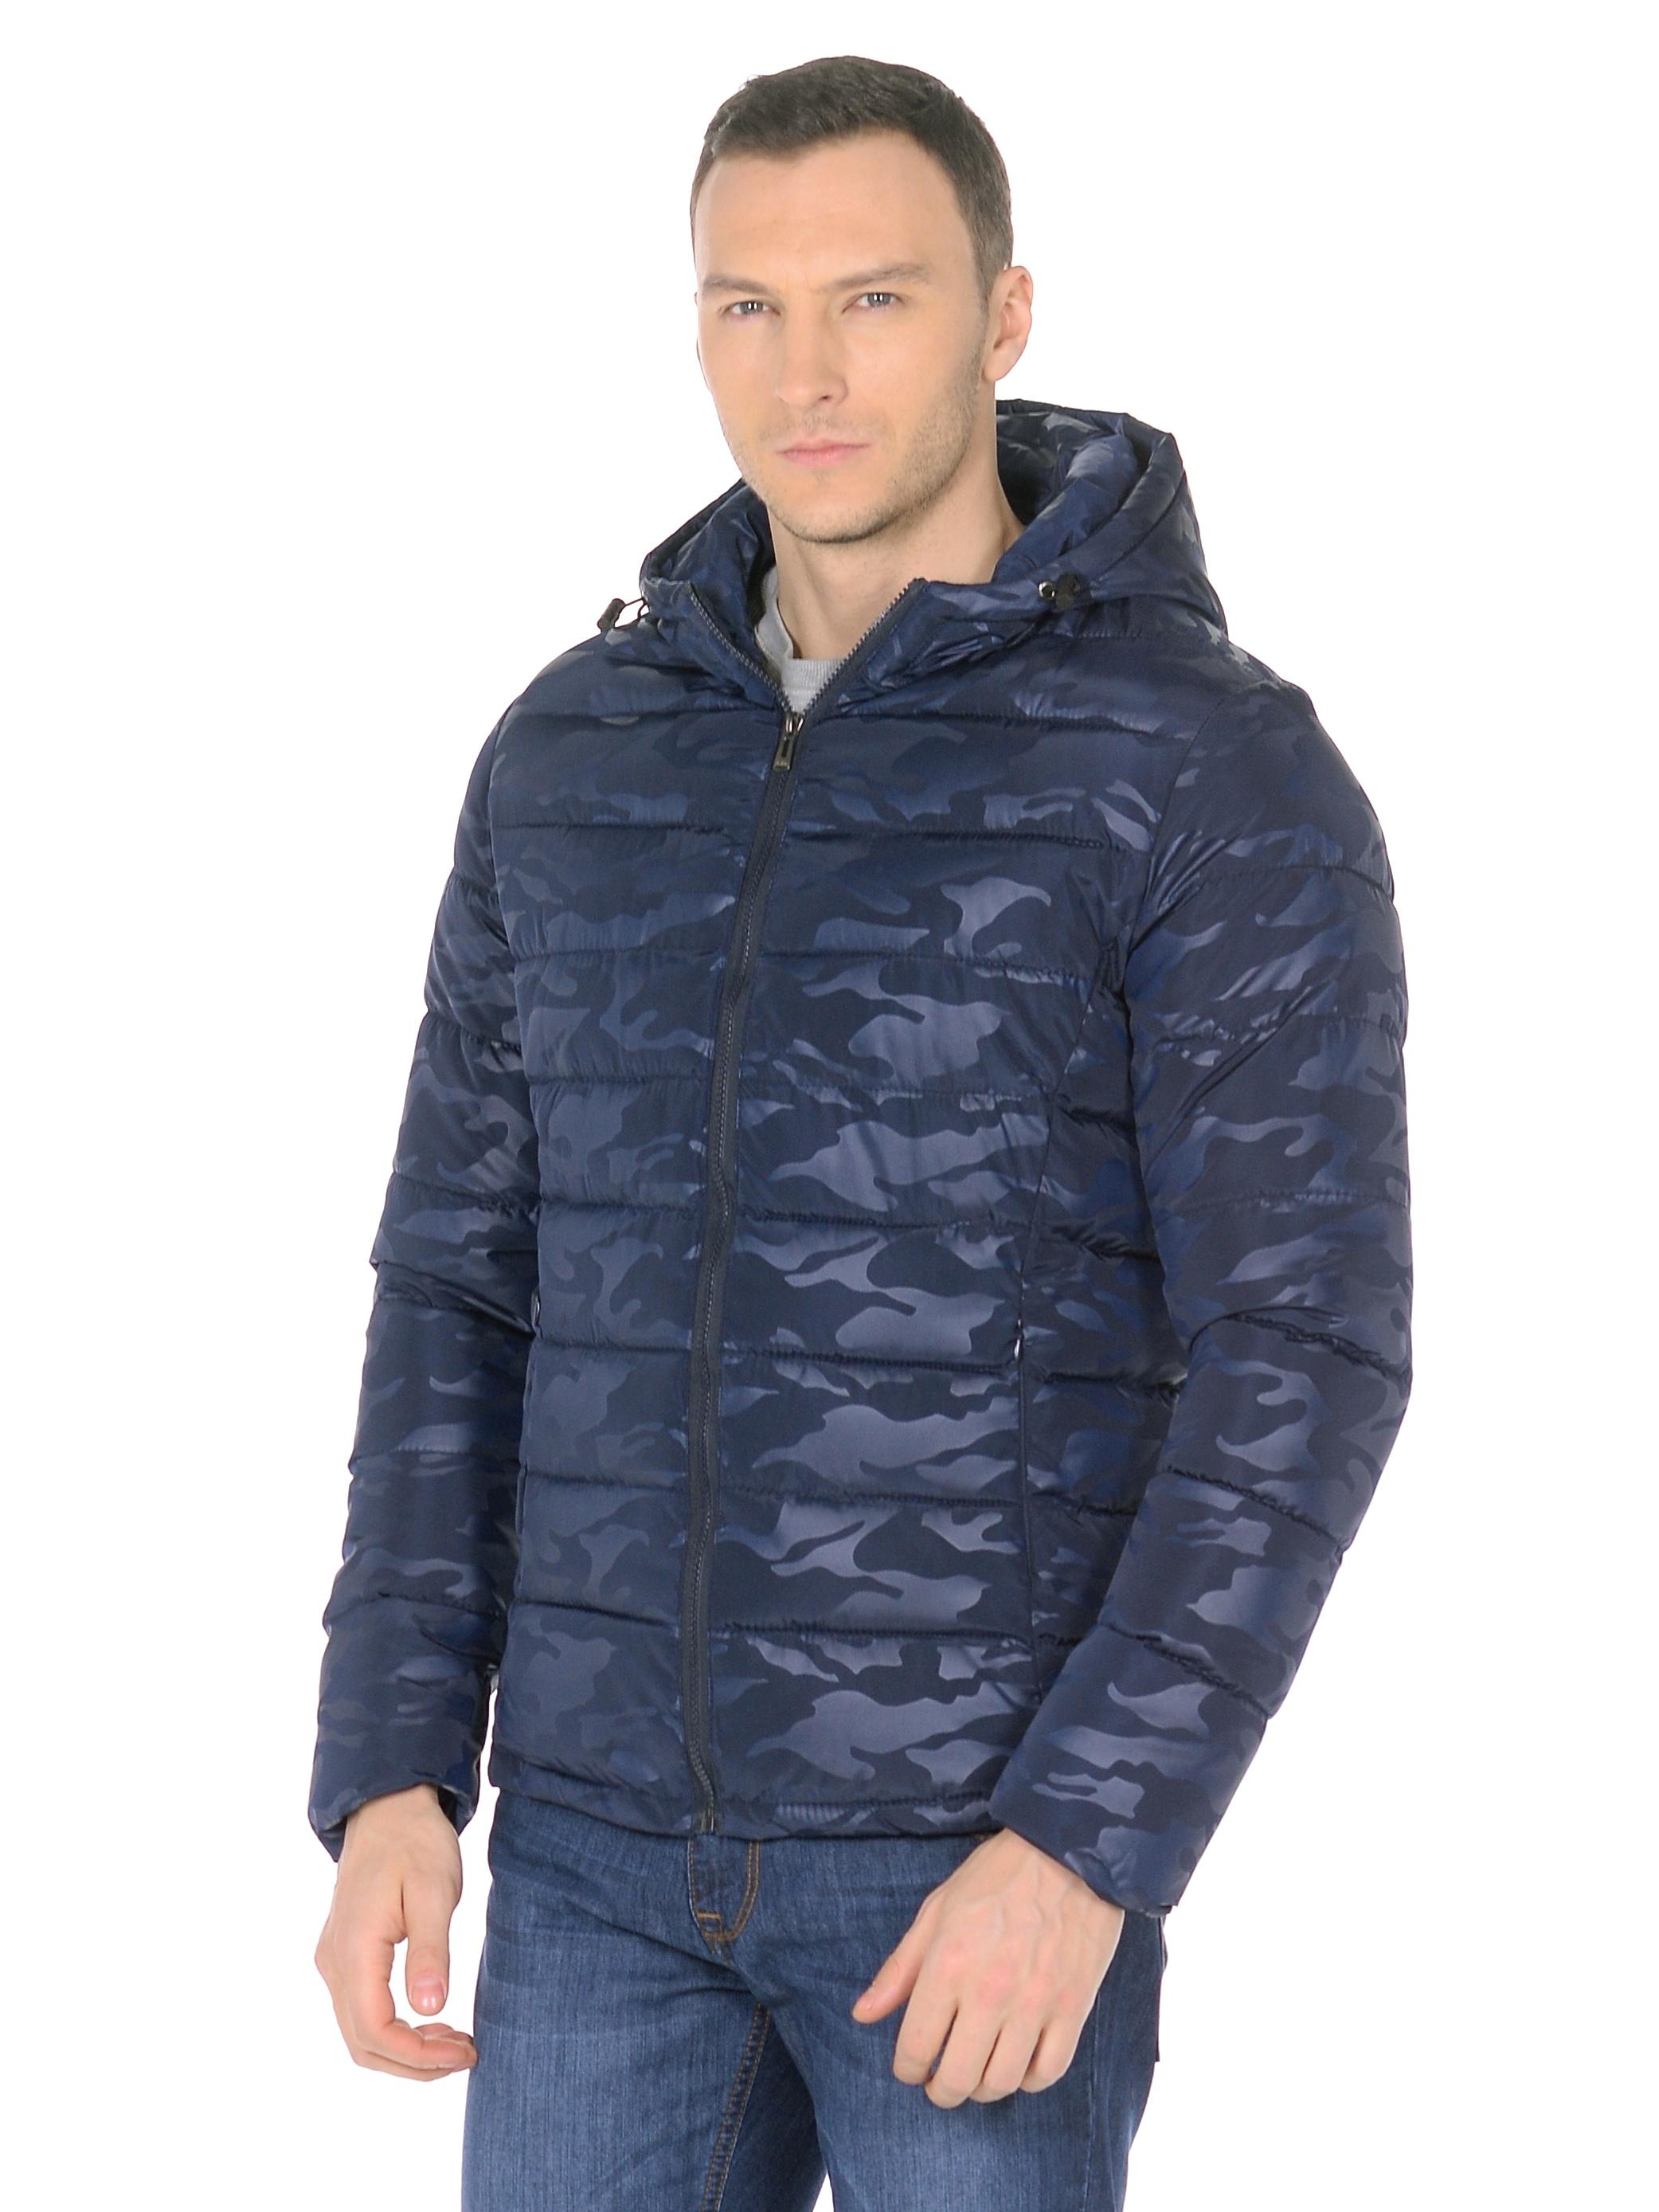 Мужская куртка из текстиля с капюшоном, без отделки<br><br>Воротник: капюшон<br>Длина см: Короткая (51-74 )<br>Материал: Текстиль<br>Цвет: синий<br>Вид застежки: центральная<br>Застежка: на молнии<br>Пол: Мужской<br>Размер RU: 52